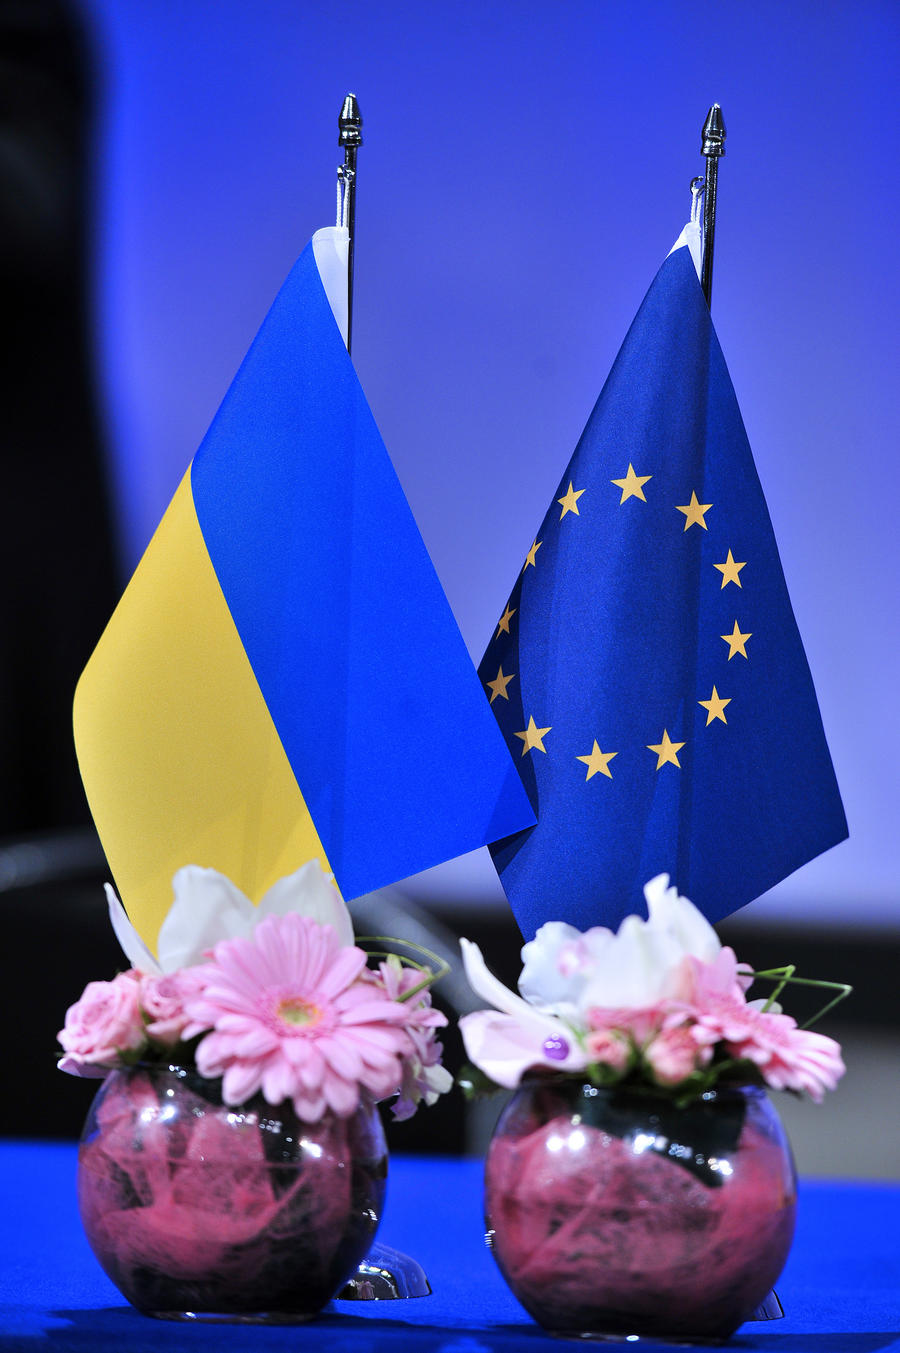 СМИ: Поддержка Украины посеяла раздор в самой Европе